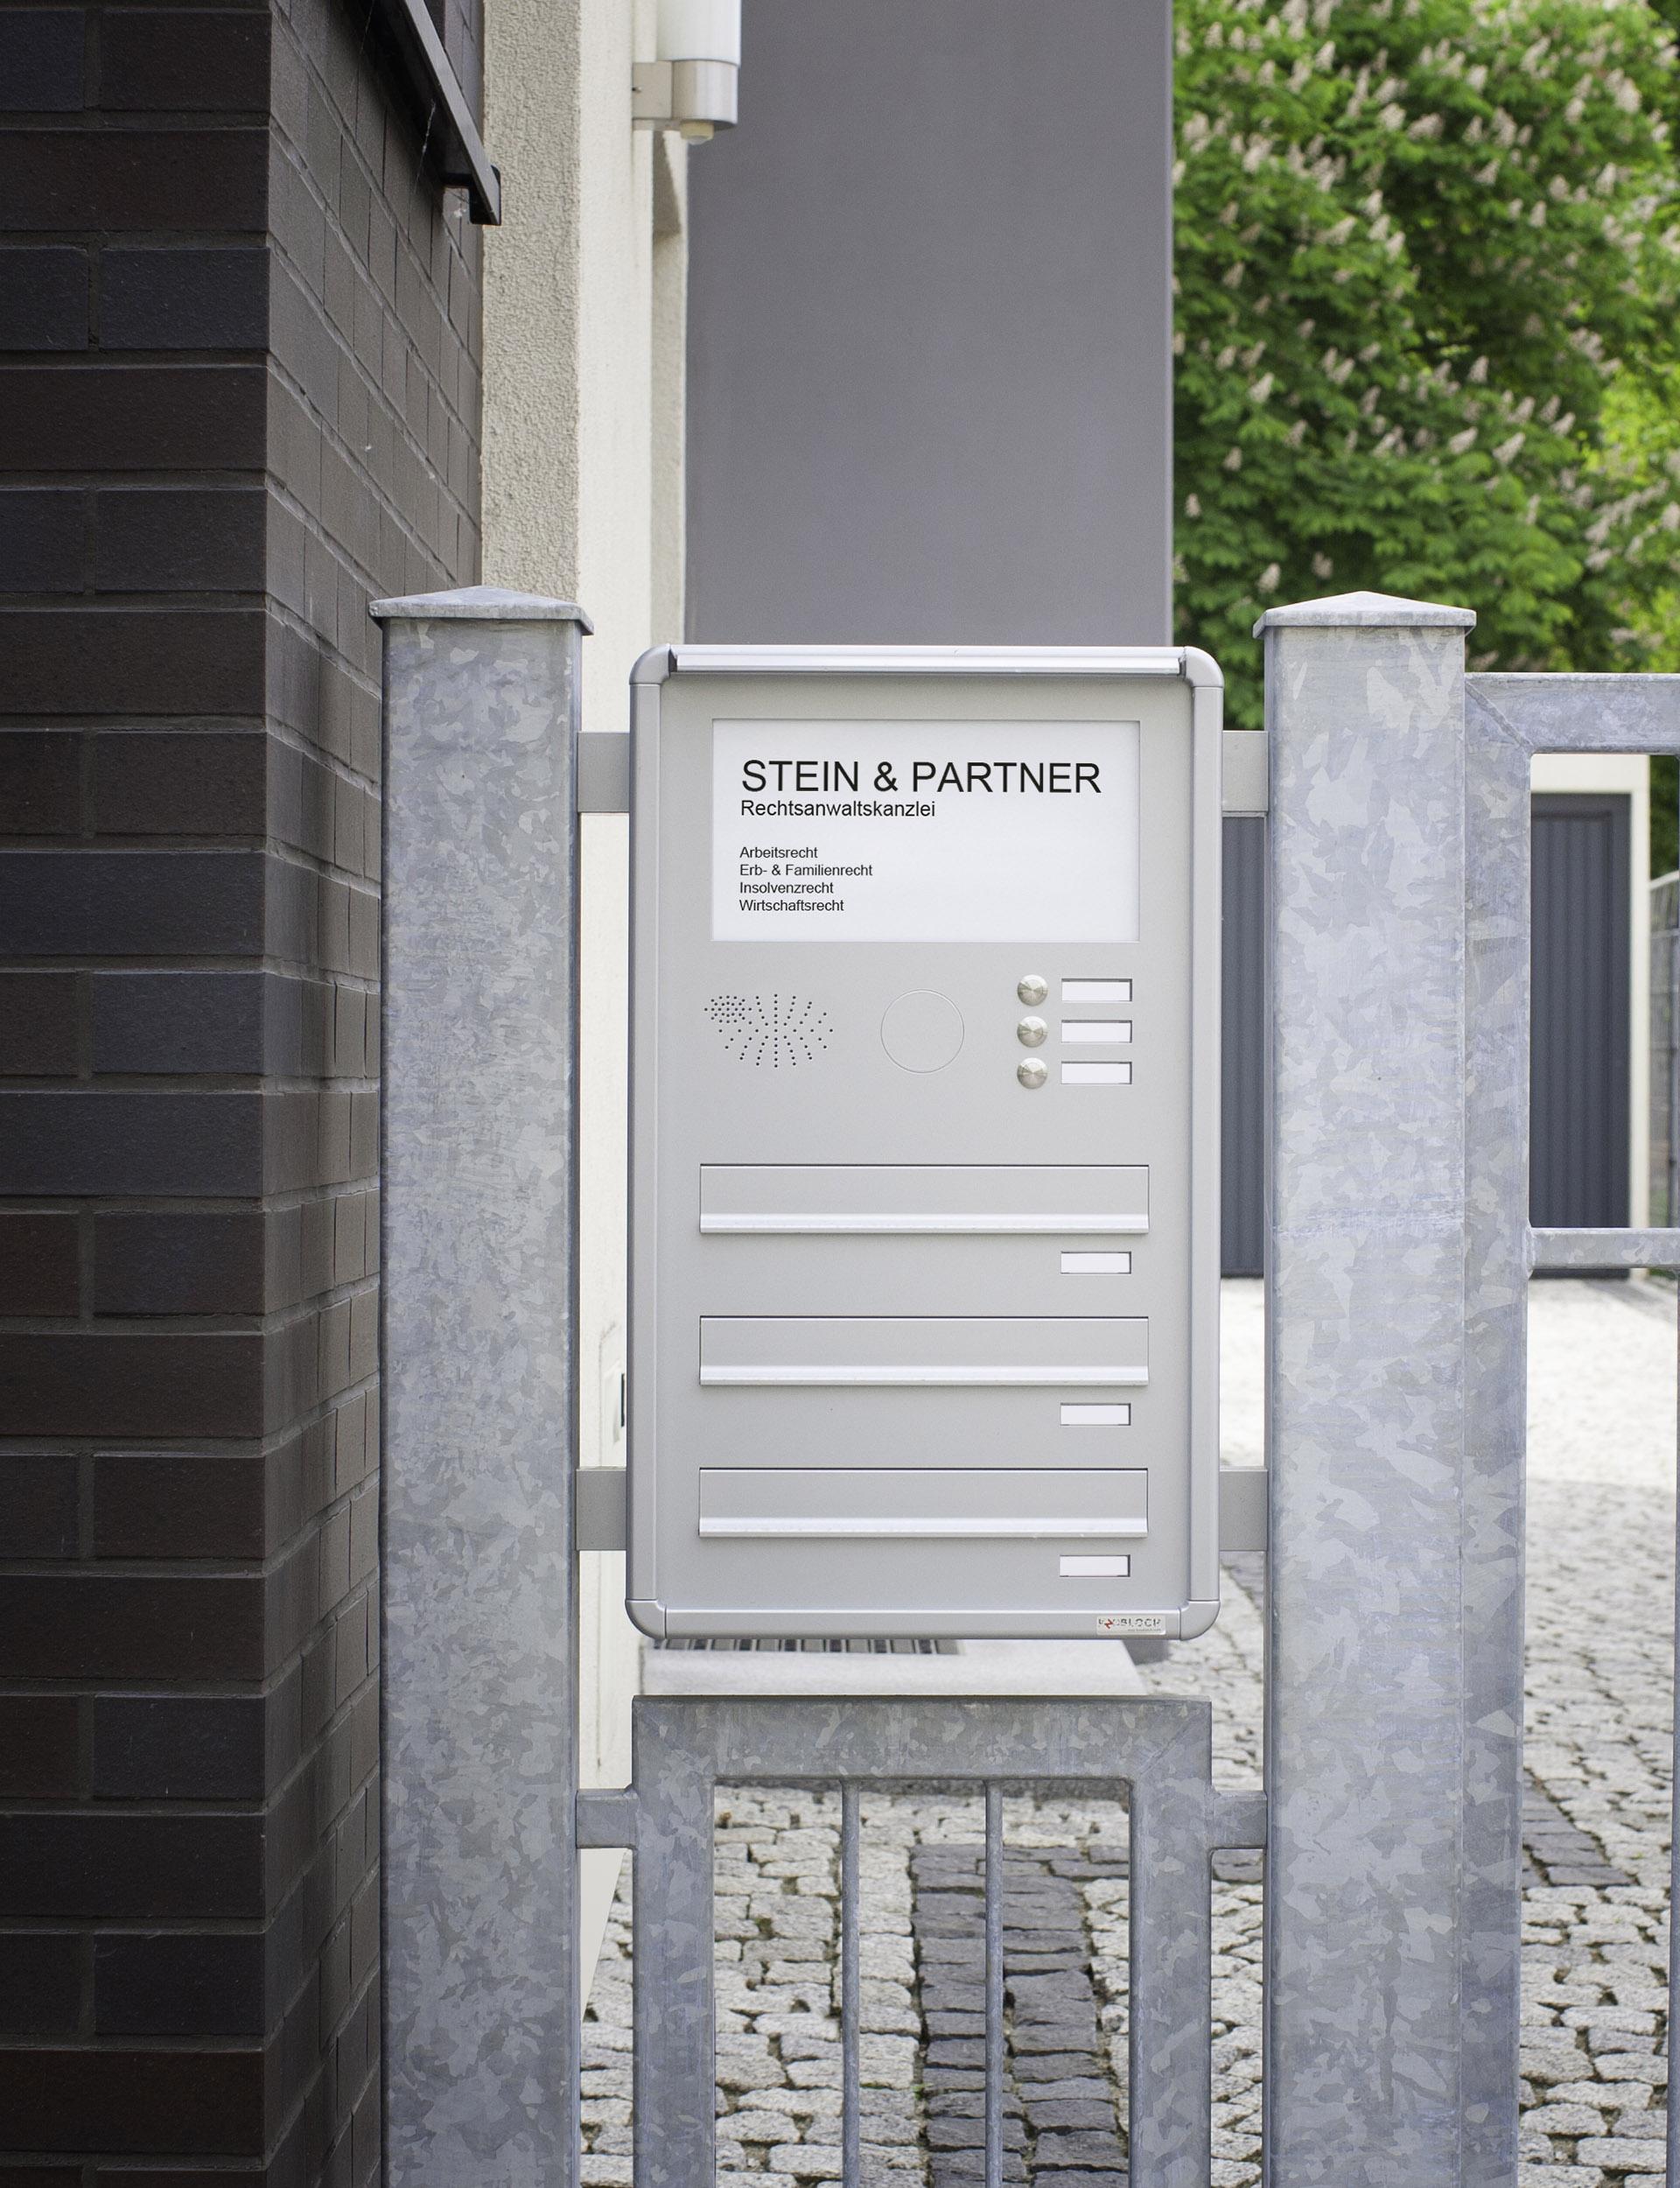 Fototour Leipzig, Ingenieurbüro H.Bothur, Shakespearestraße 12, 04107 Leipzig (weitere Ansichten/Bilder vorhanden)